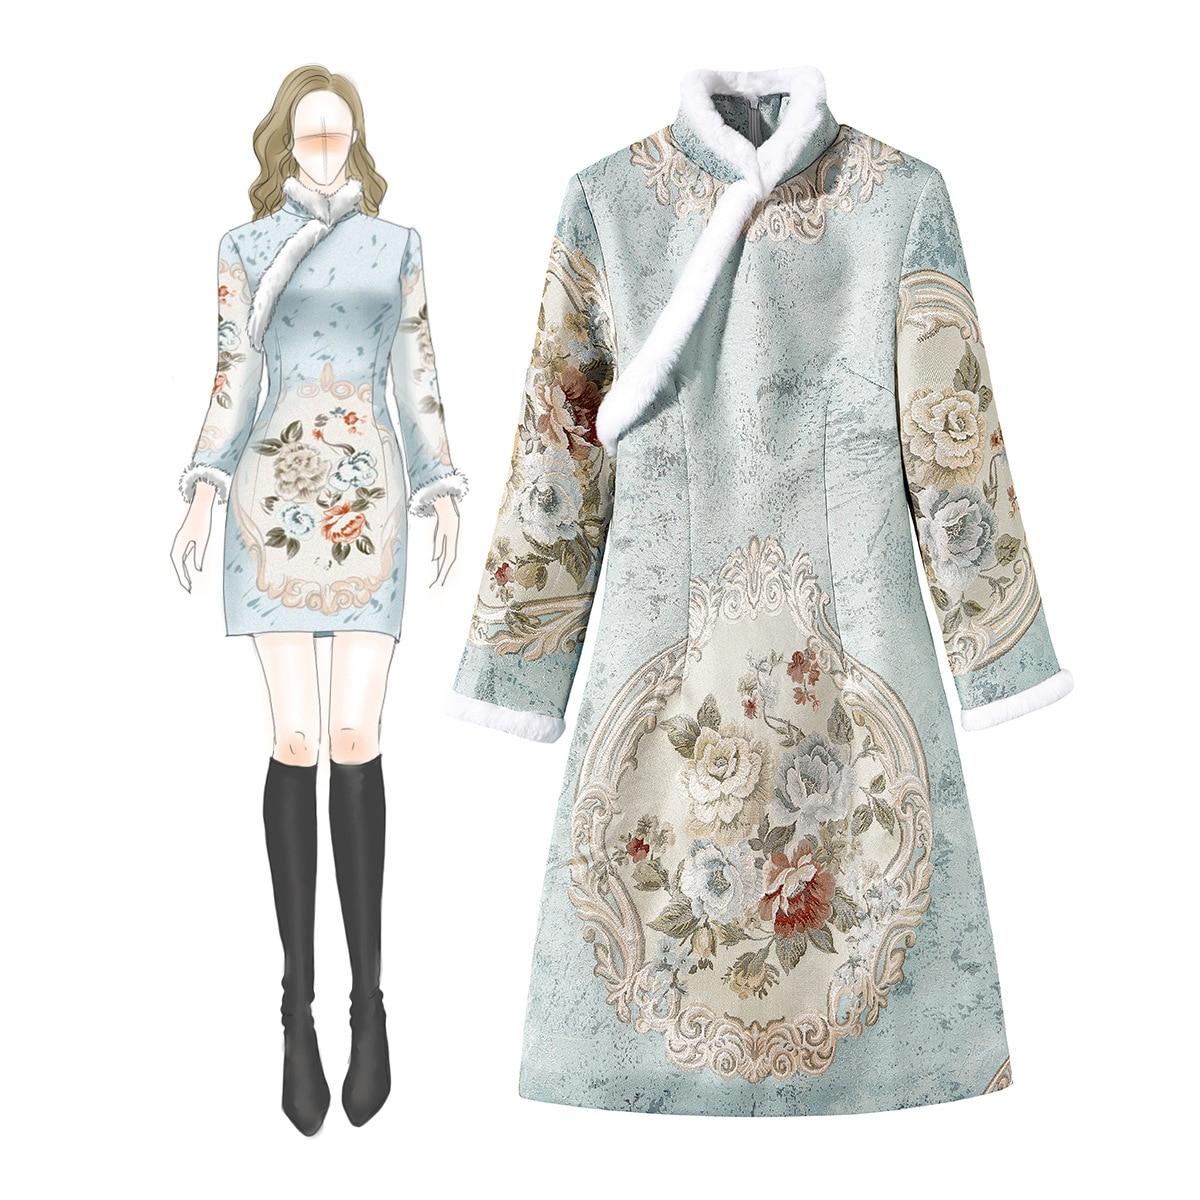 Chiński kobiety tradycyjny stójka Cheongsam zima królik włosy ciepłe sukienka żakardowe uciekają ciepło Slim zaktualizowane Qipao w Suknie od Odzież damska na  Grupa 1